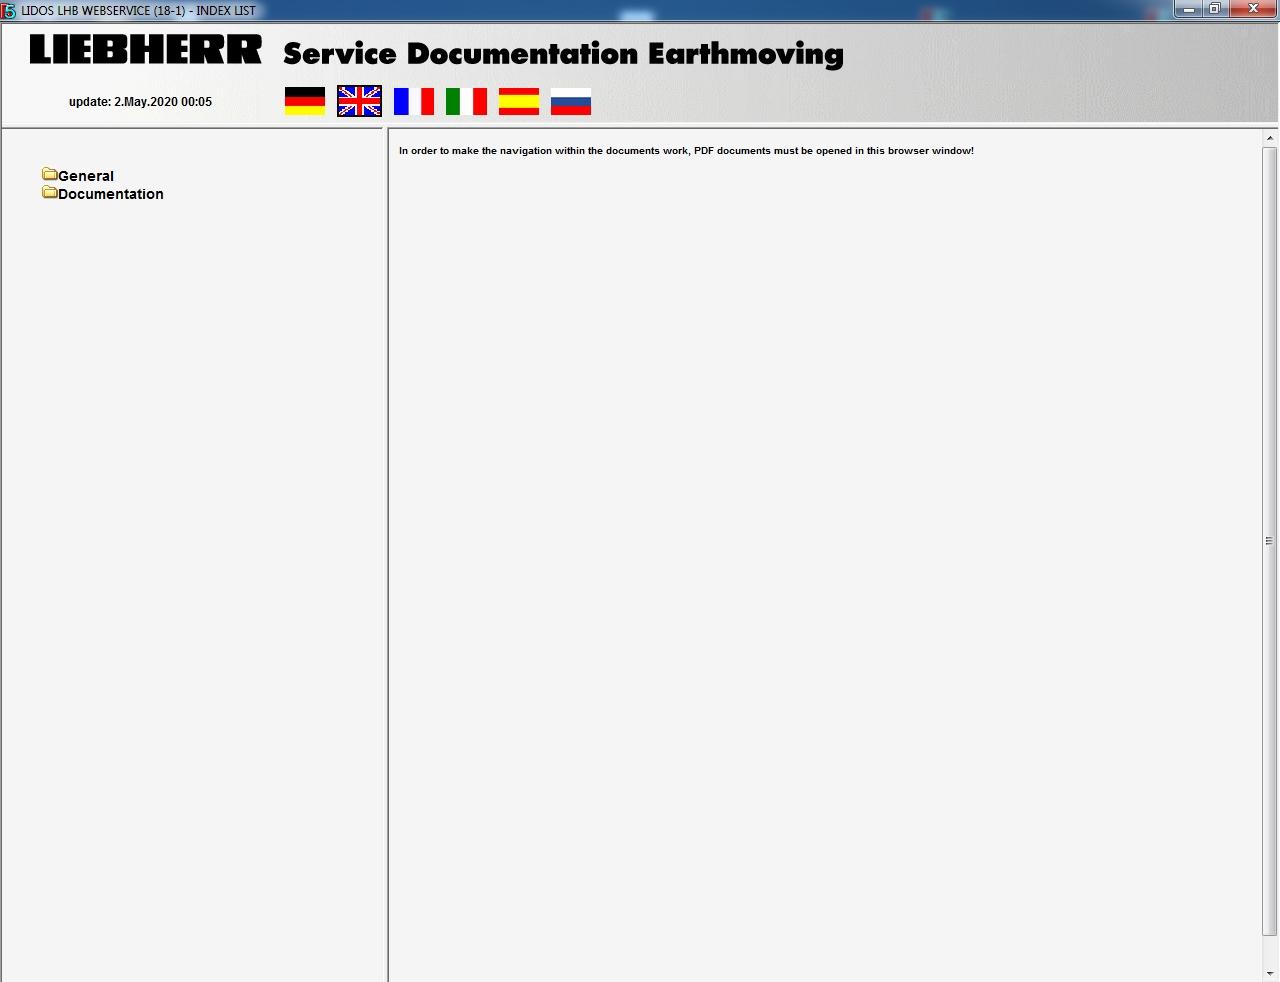 Liebherr_Lidos_COTLBHLFRLHBLWELWT_Online_EPC_Service_Document_Updated_052020_5